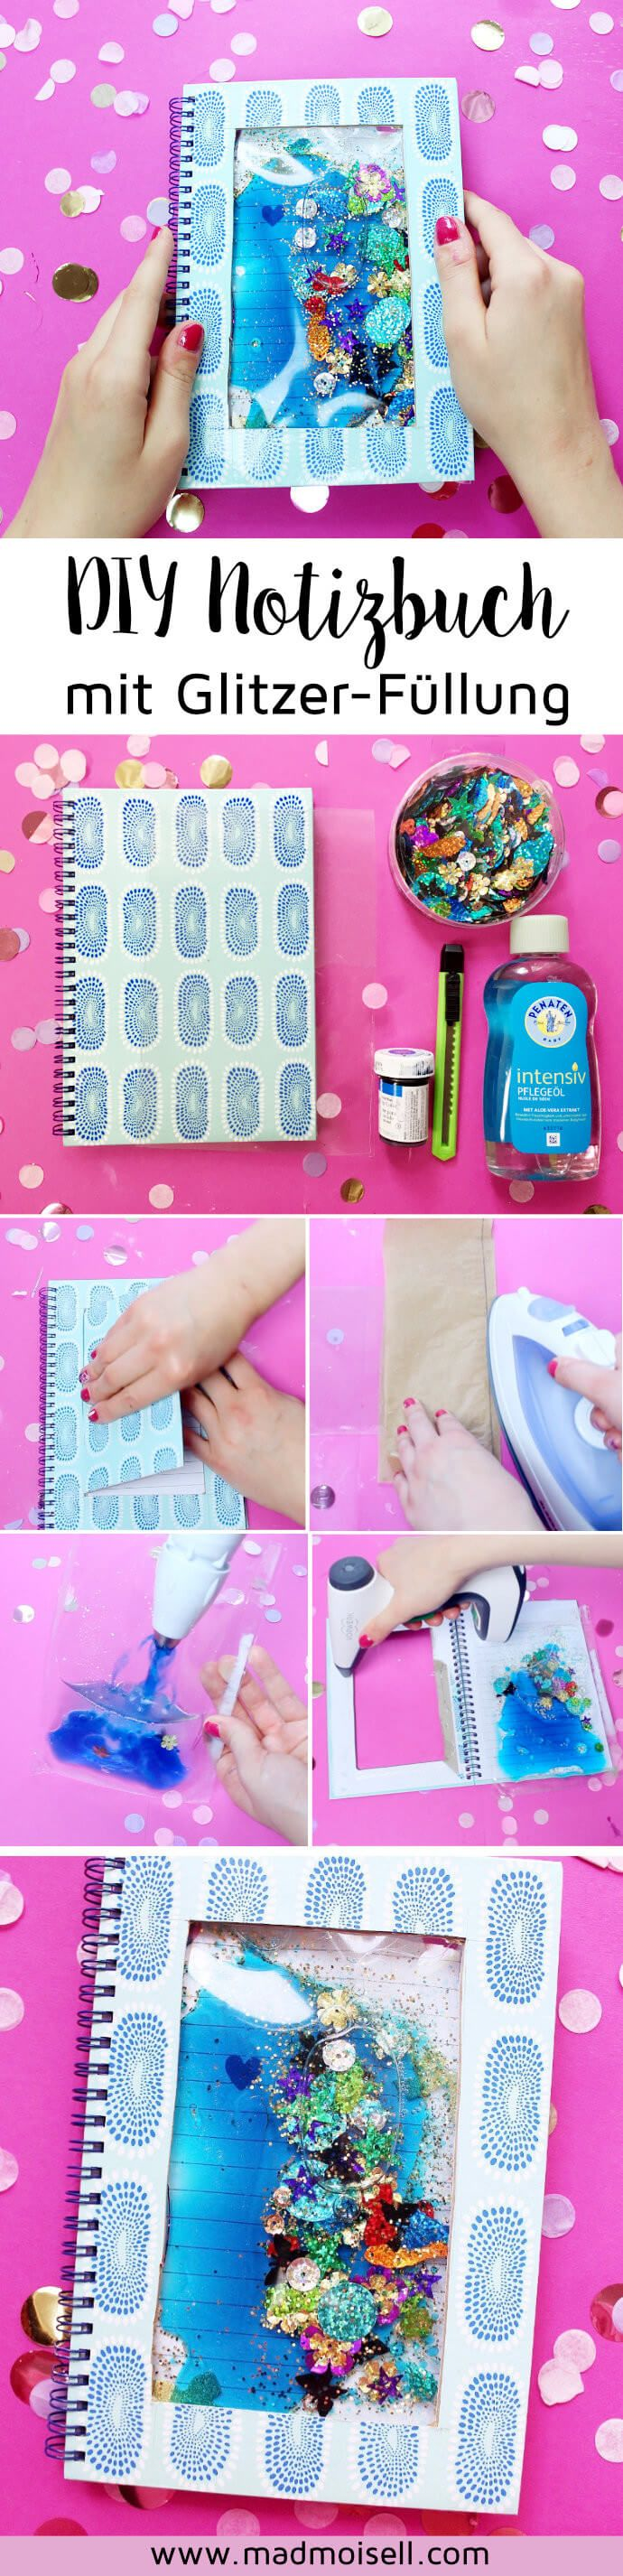 DIY Notizbuch mit flüssiger Glitzer-Füllung selber machen Tolle DIY Bastel-Idee im Tumblr Stil für Uni oder Schule.